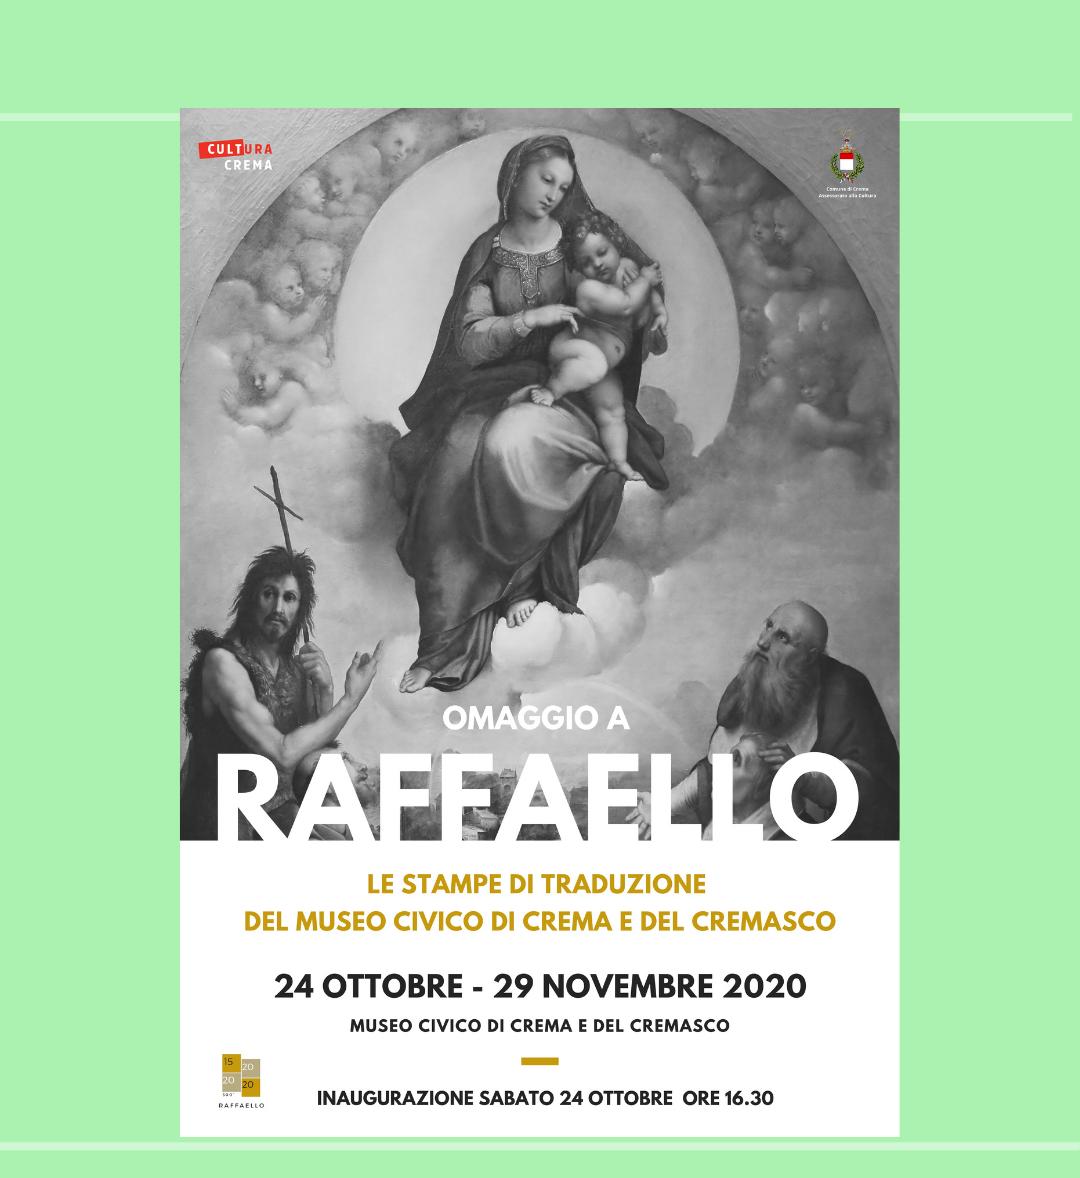 G 2020-10-24 fino al 29-11 Raffaello